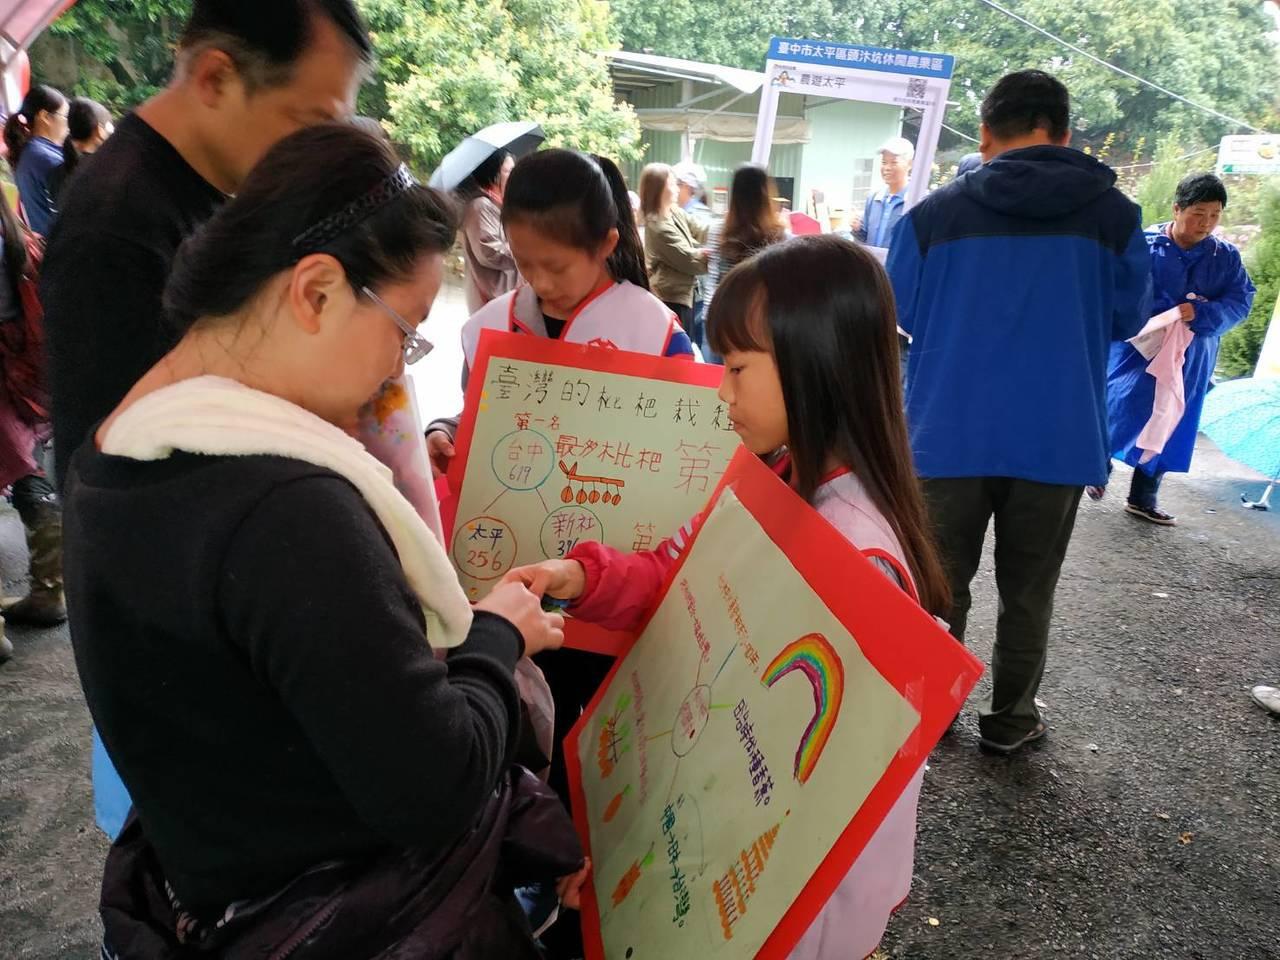 台中市太平區農會為推廣枇杷產業,上午在太平山區的東汴國小舉辦登山健行和園遊會等活...